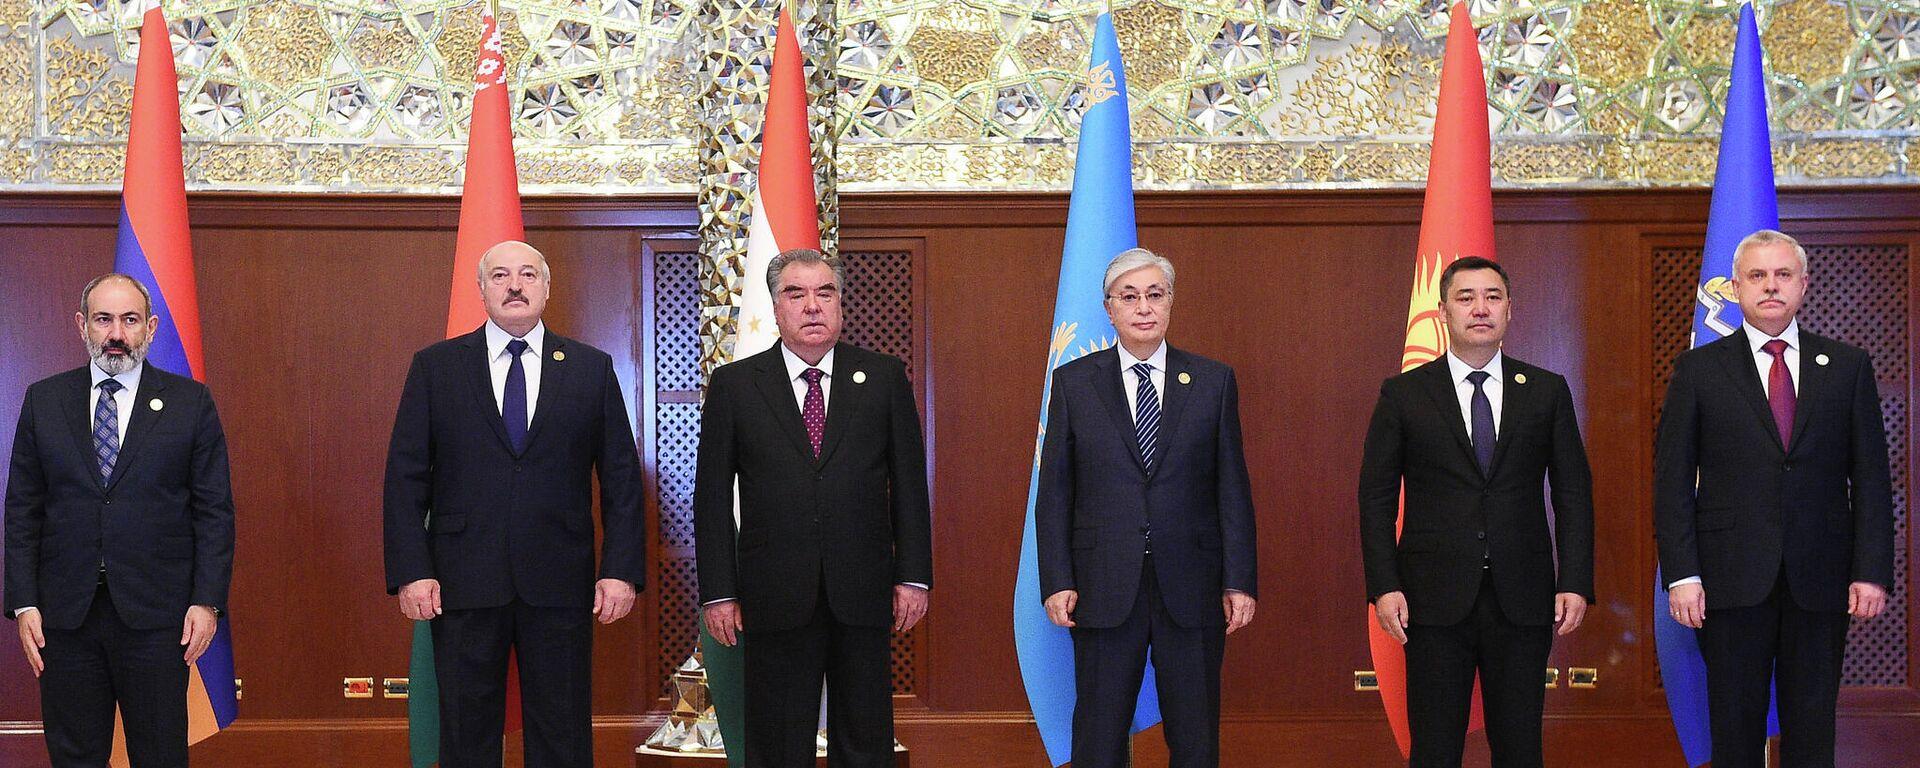 Саммит ОДКБ в Душанбе 16 сентября 2021 - Sputnik Ўзбекистон, 1920, 16.09.2021